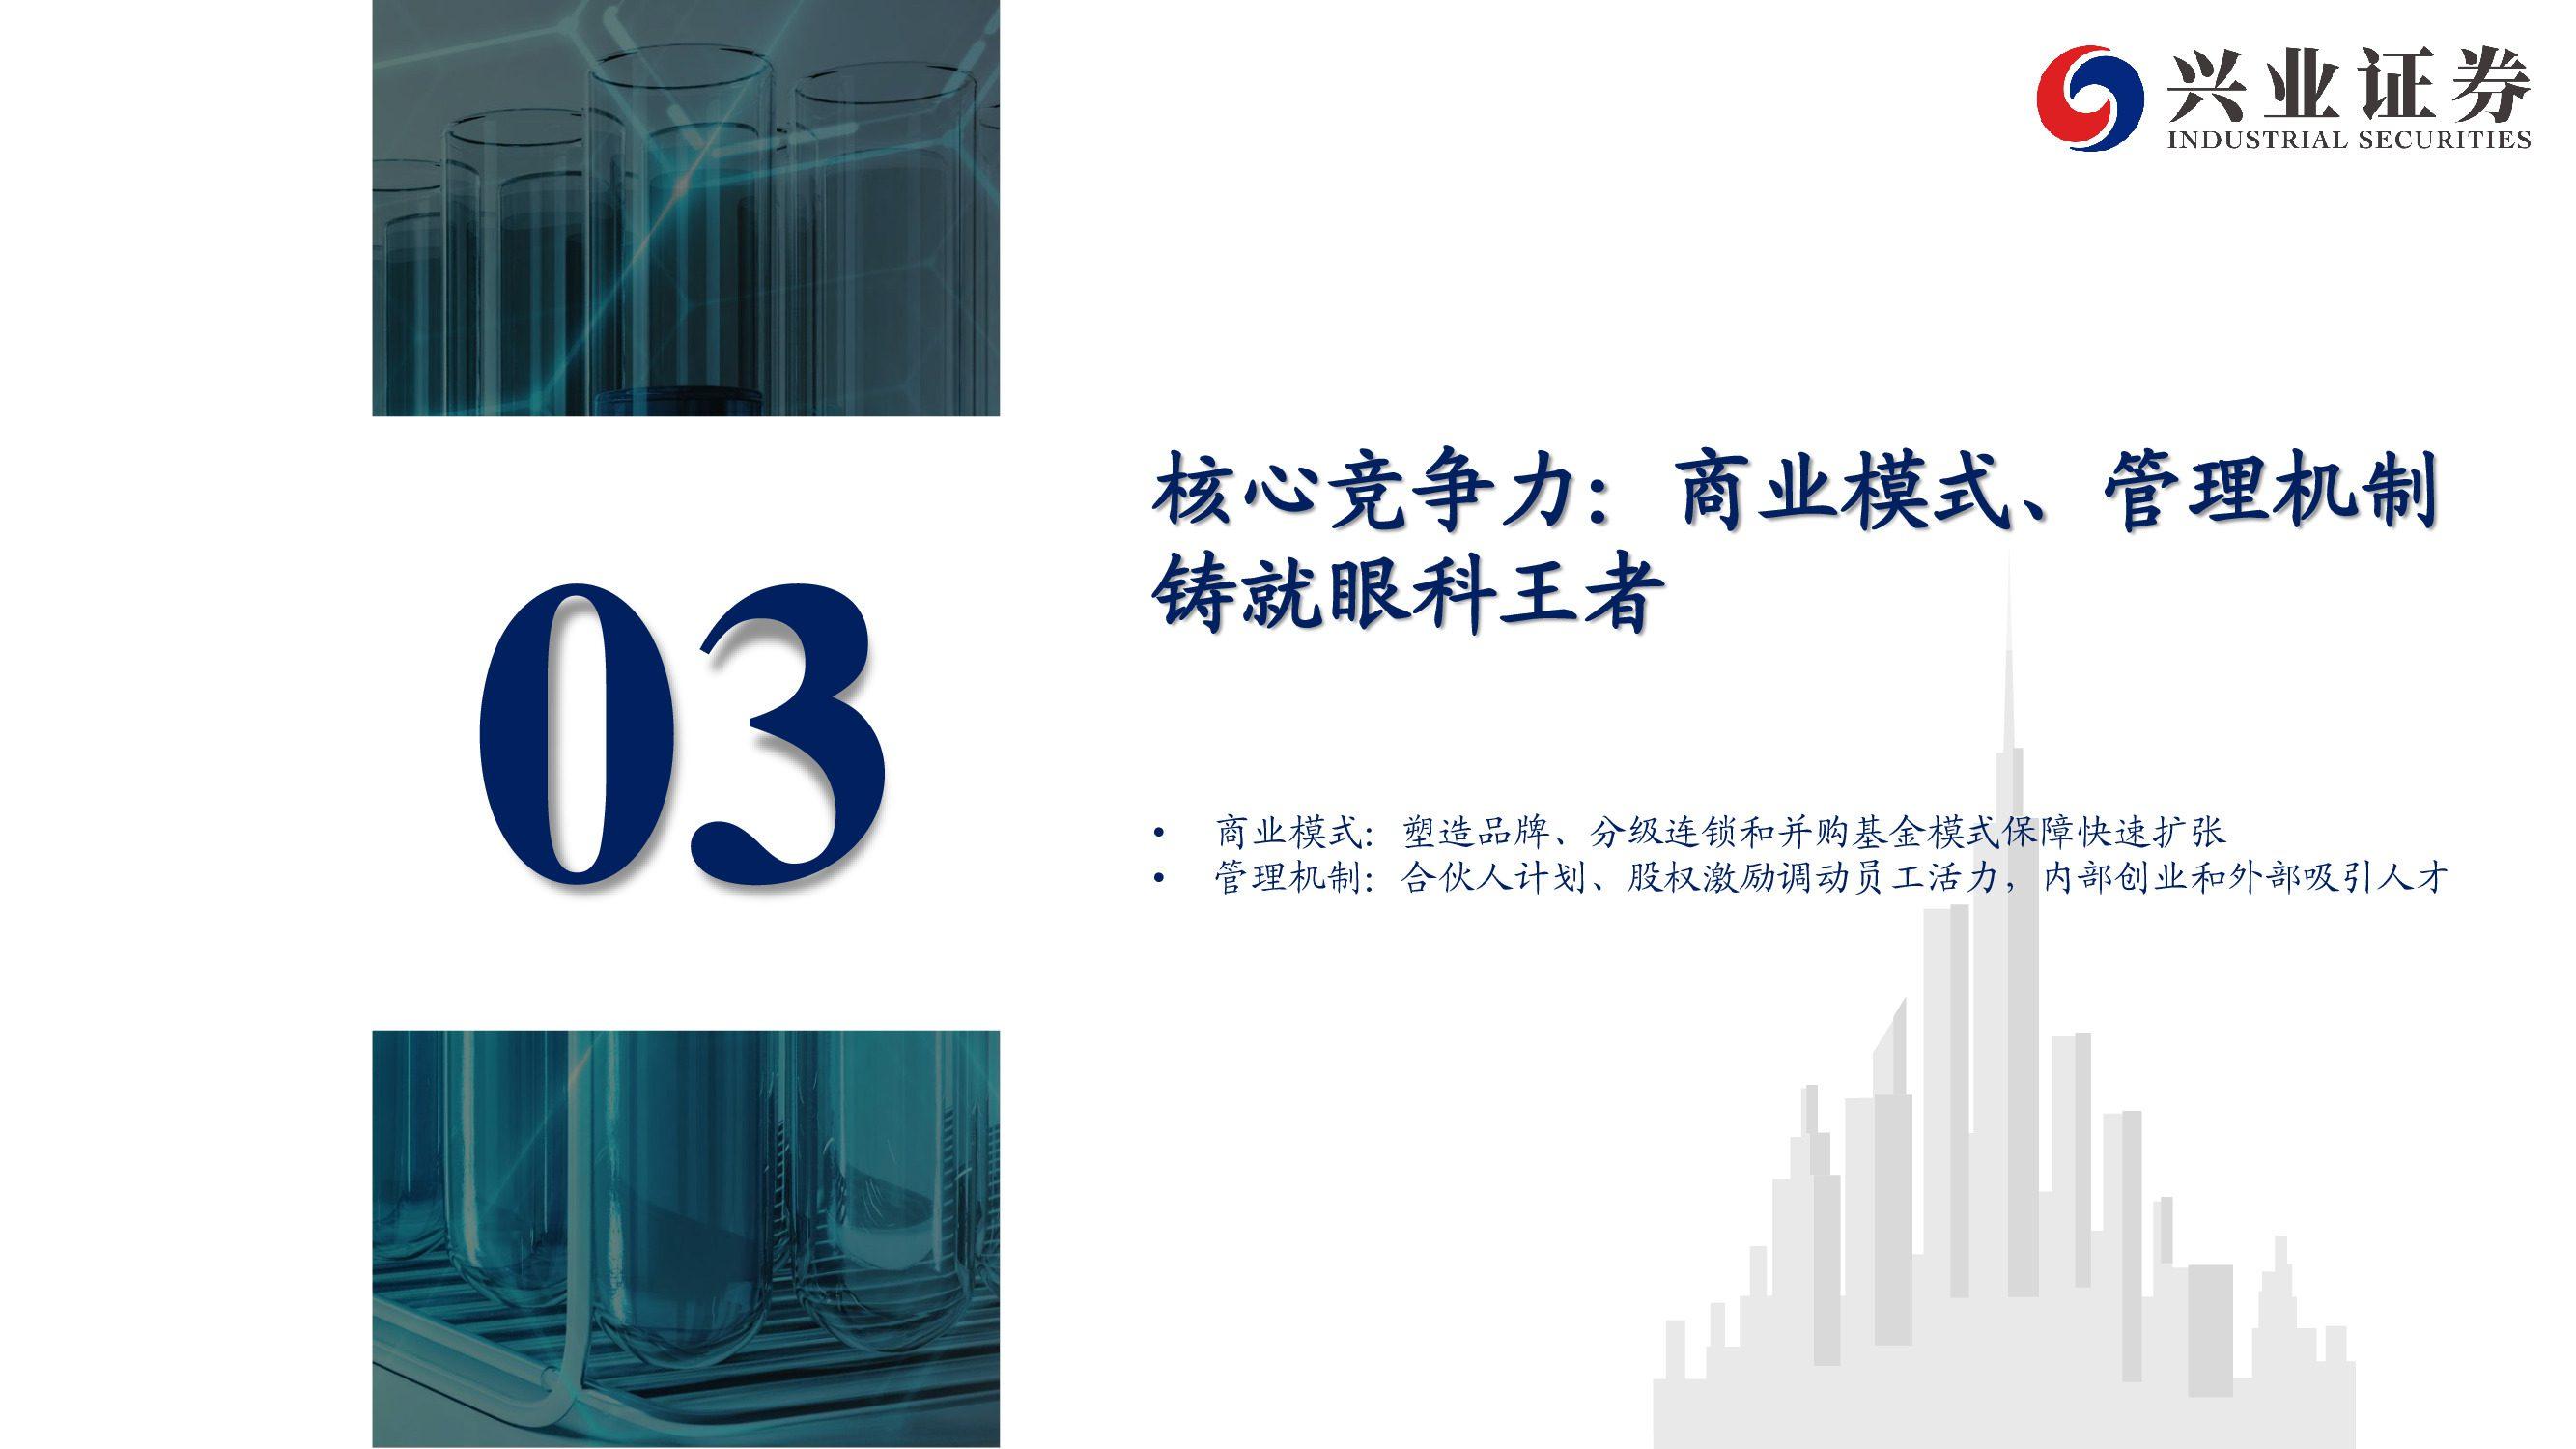 爱尔眼科深度报告:下一个十年,开启全新增长曲线